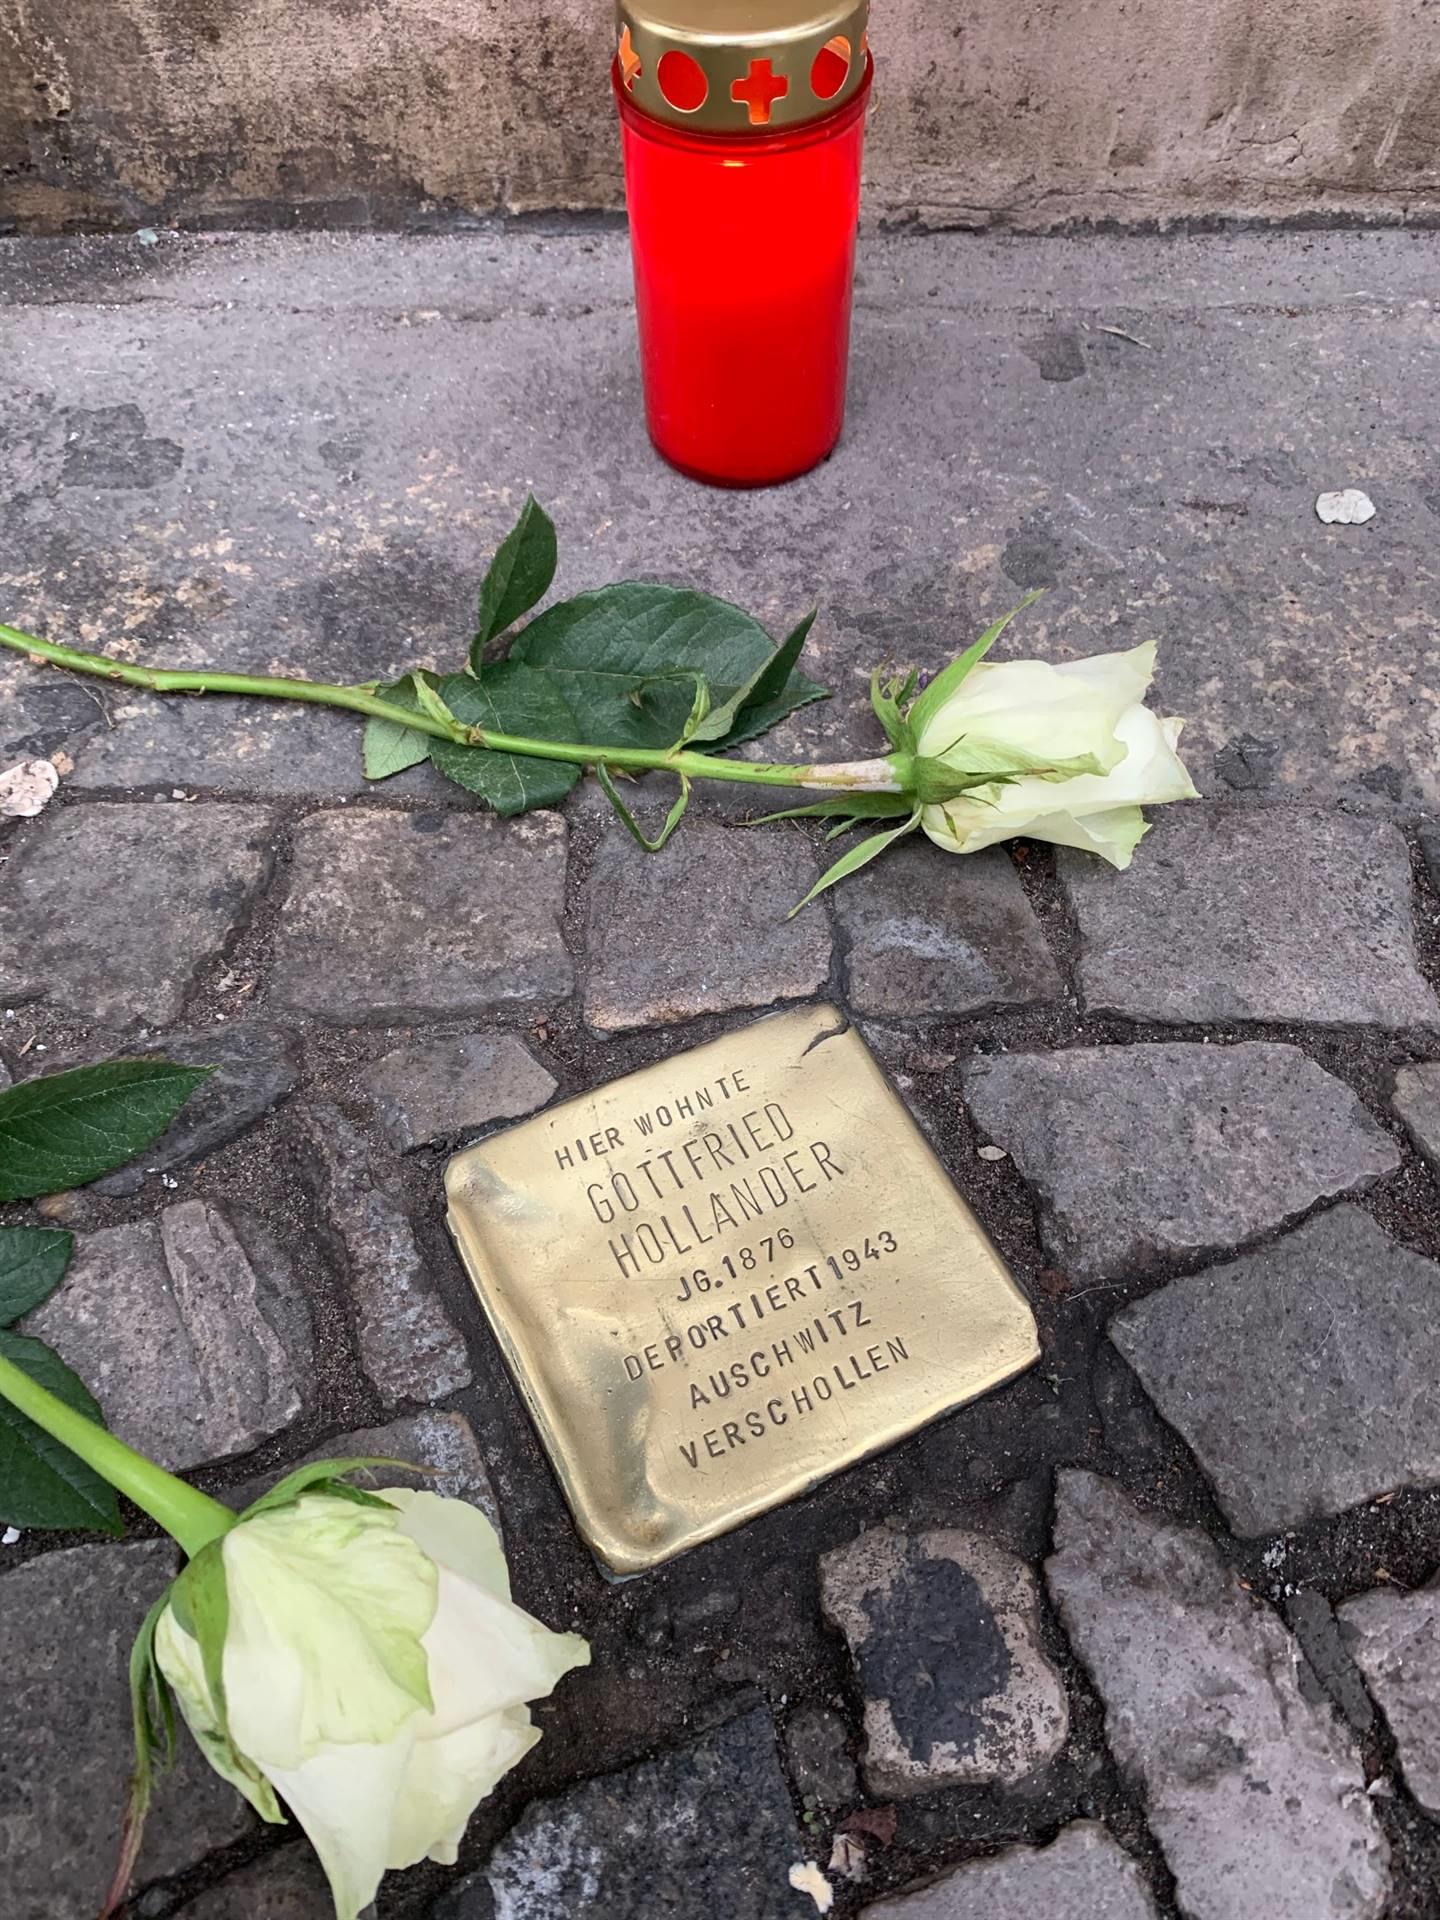 Memorials on the streets of Berlin